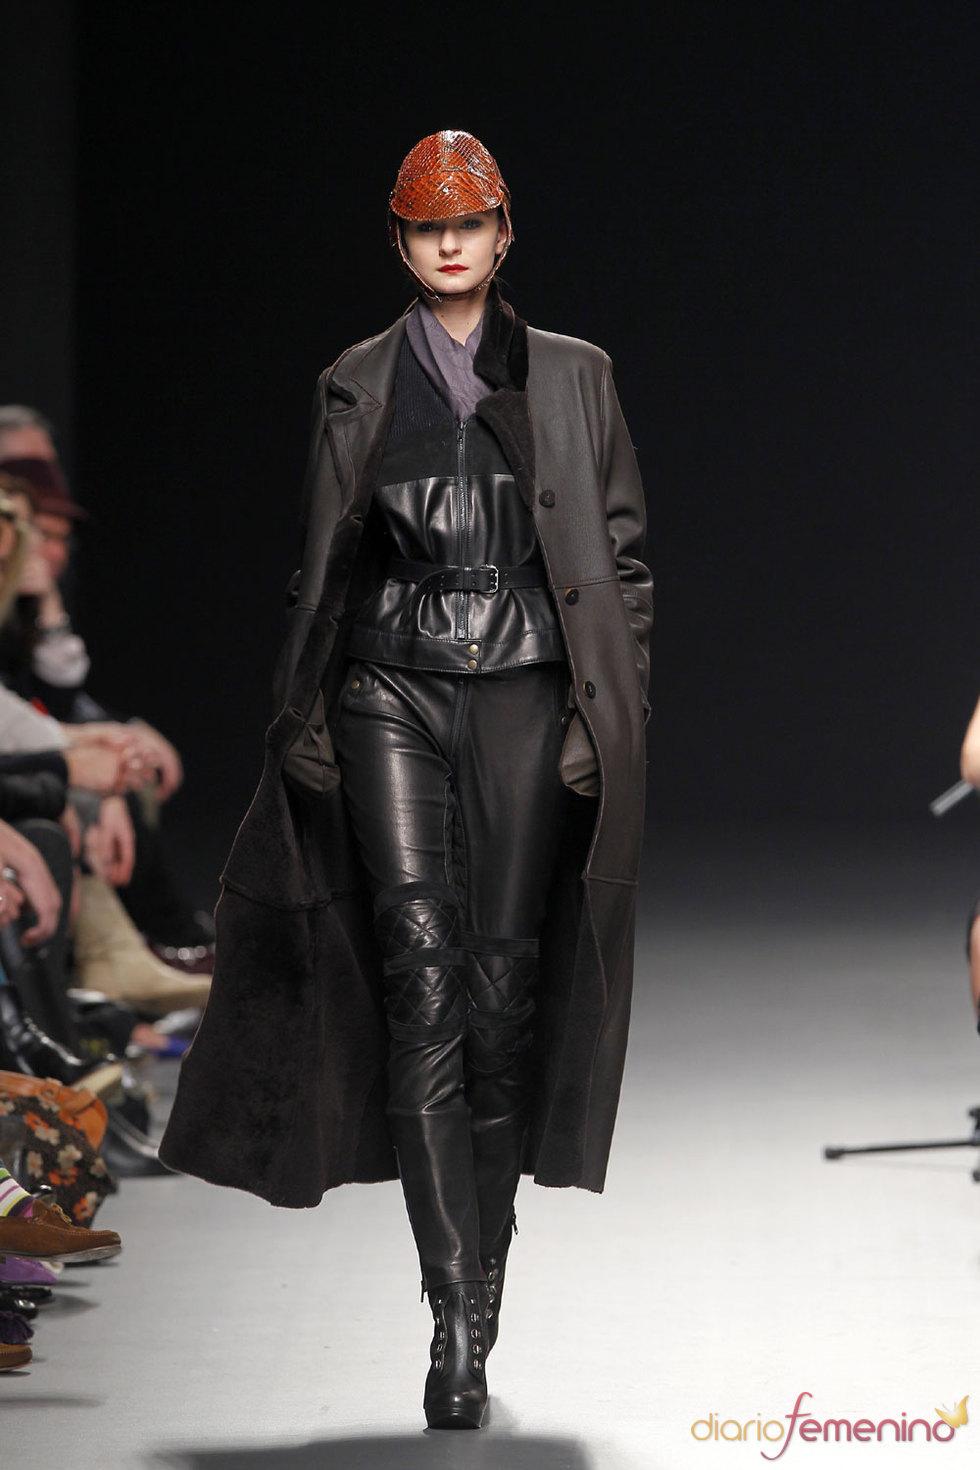 Lujo de 'El Caballo' en Cibeles Fashion Week 2010